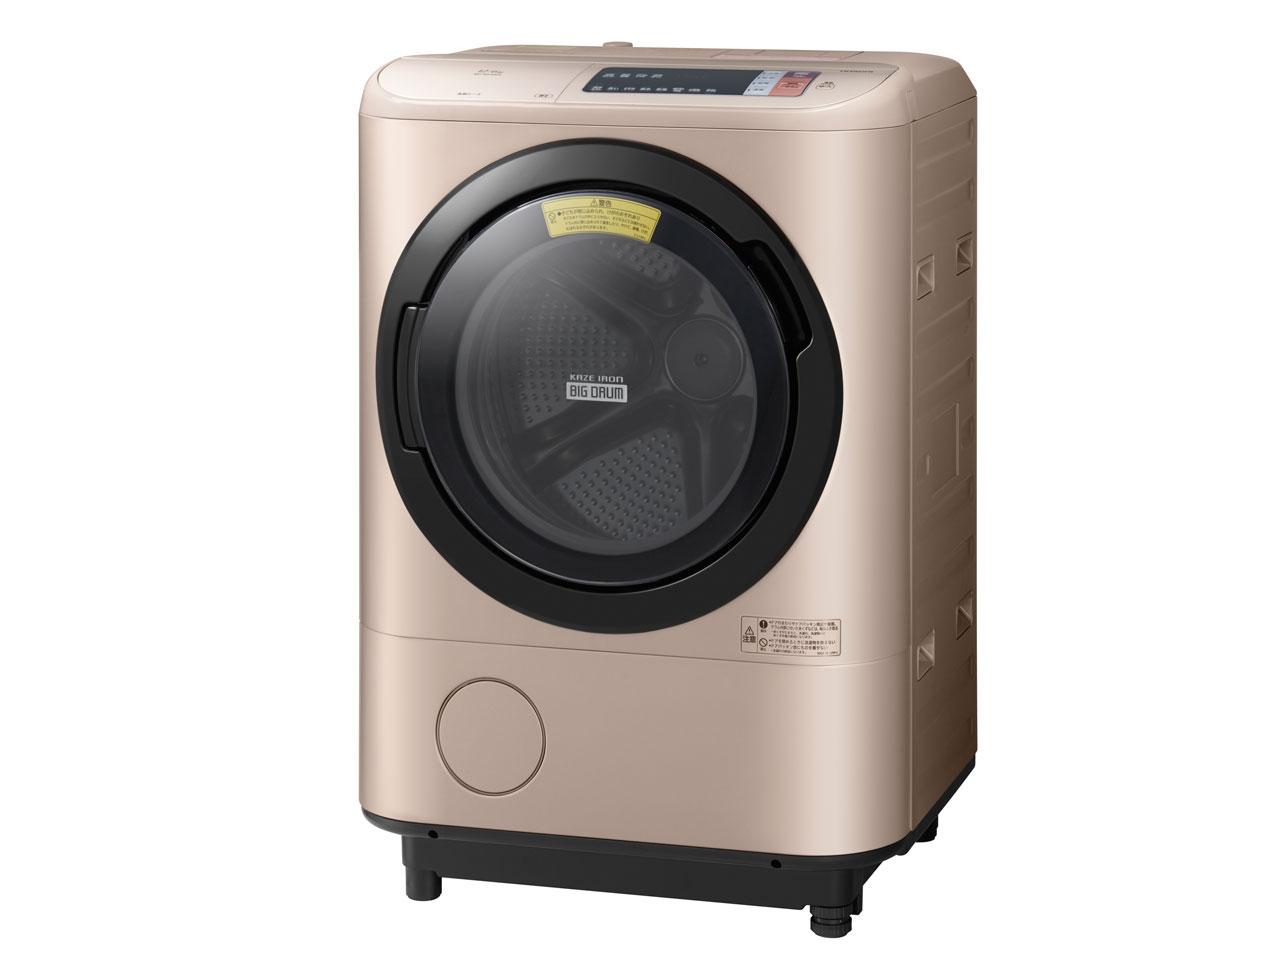 ヒートリサイクル 風アイロン ビッグドラム BD-NX120AL(N) [シャンパン]